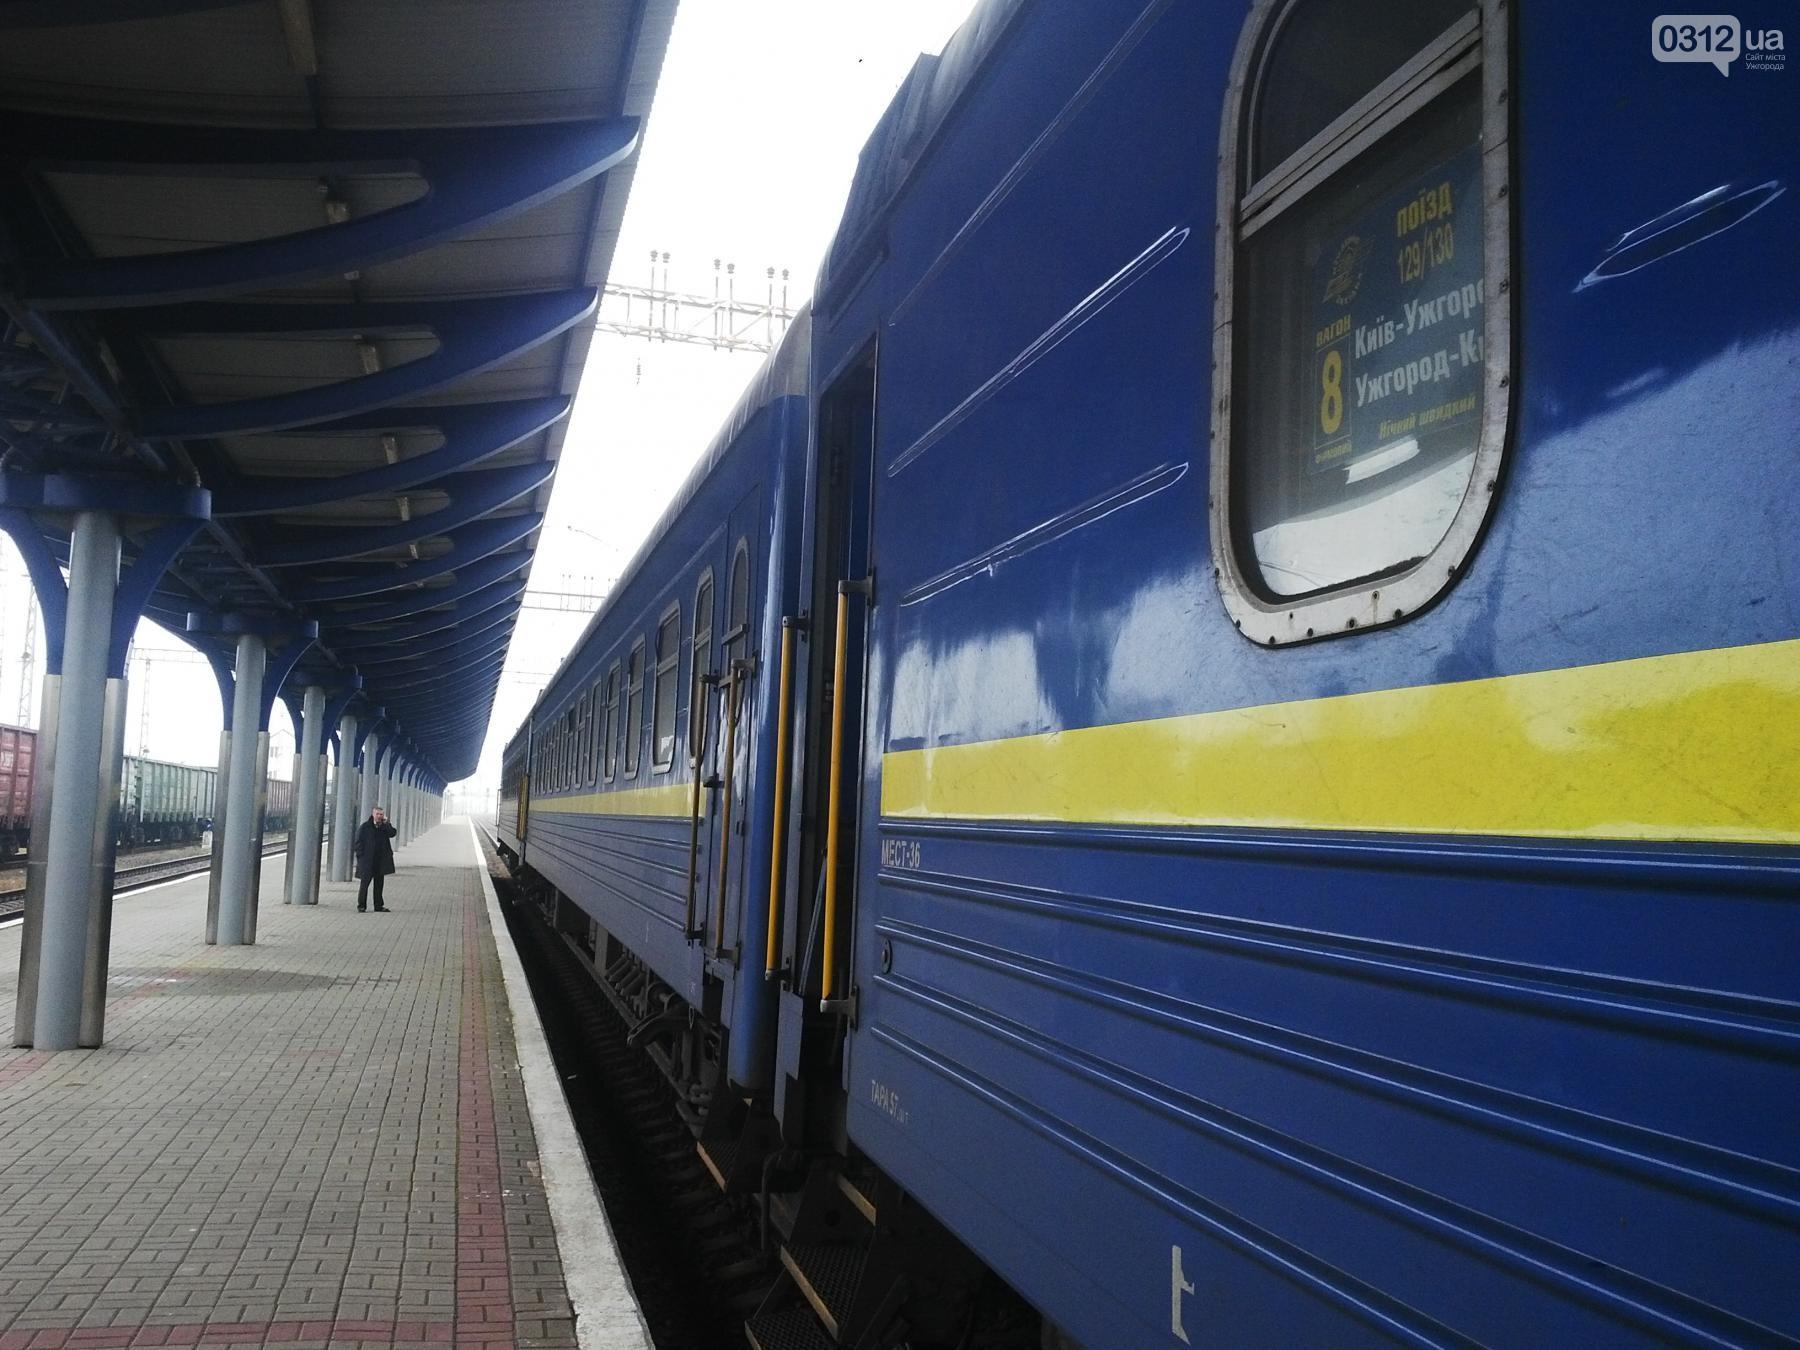 Журналісти показали, як виглядають купе нових вагонів потягу «Ужгород-Київ»